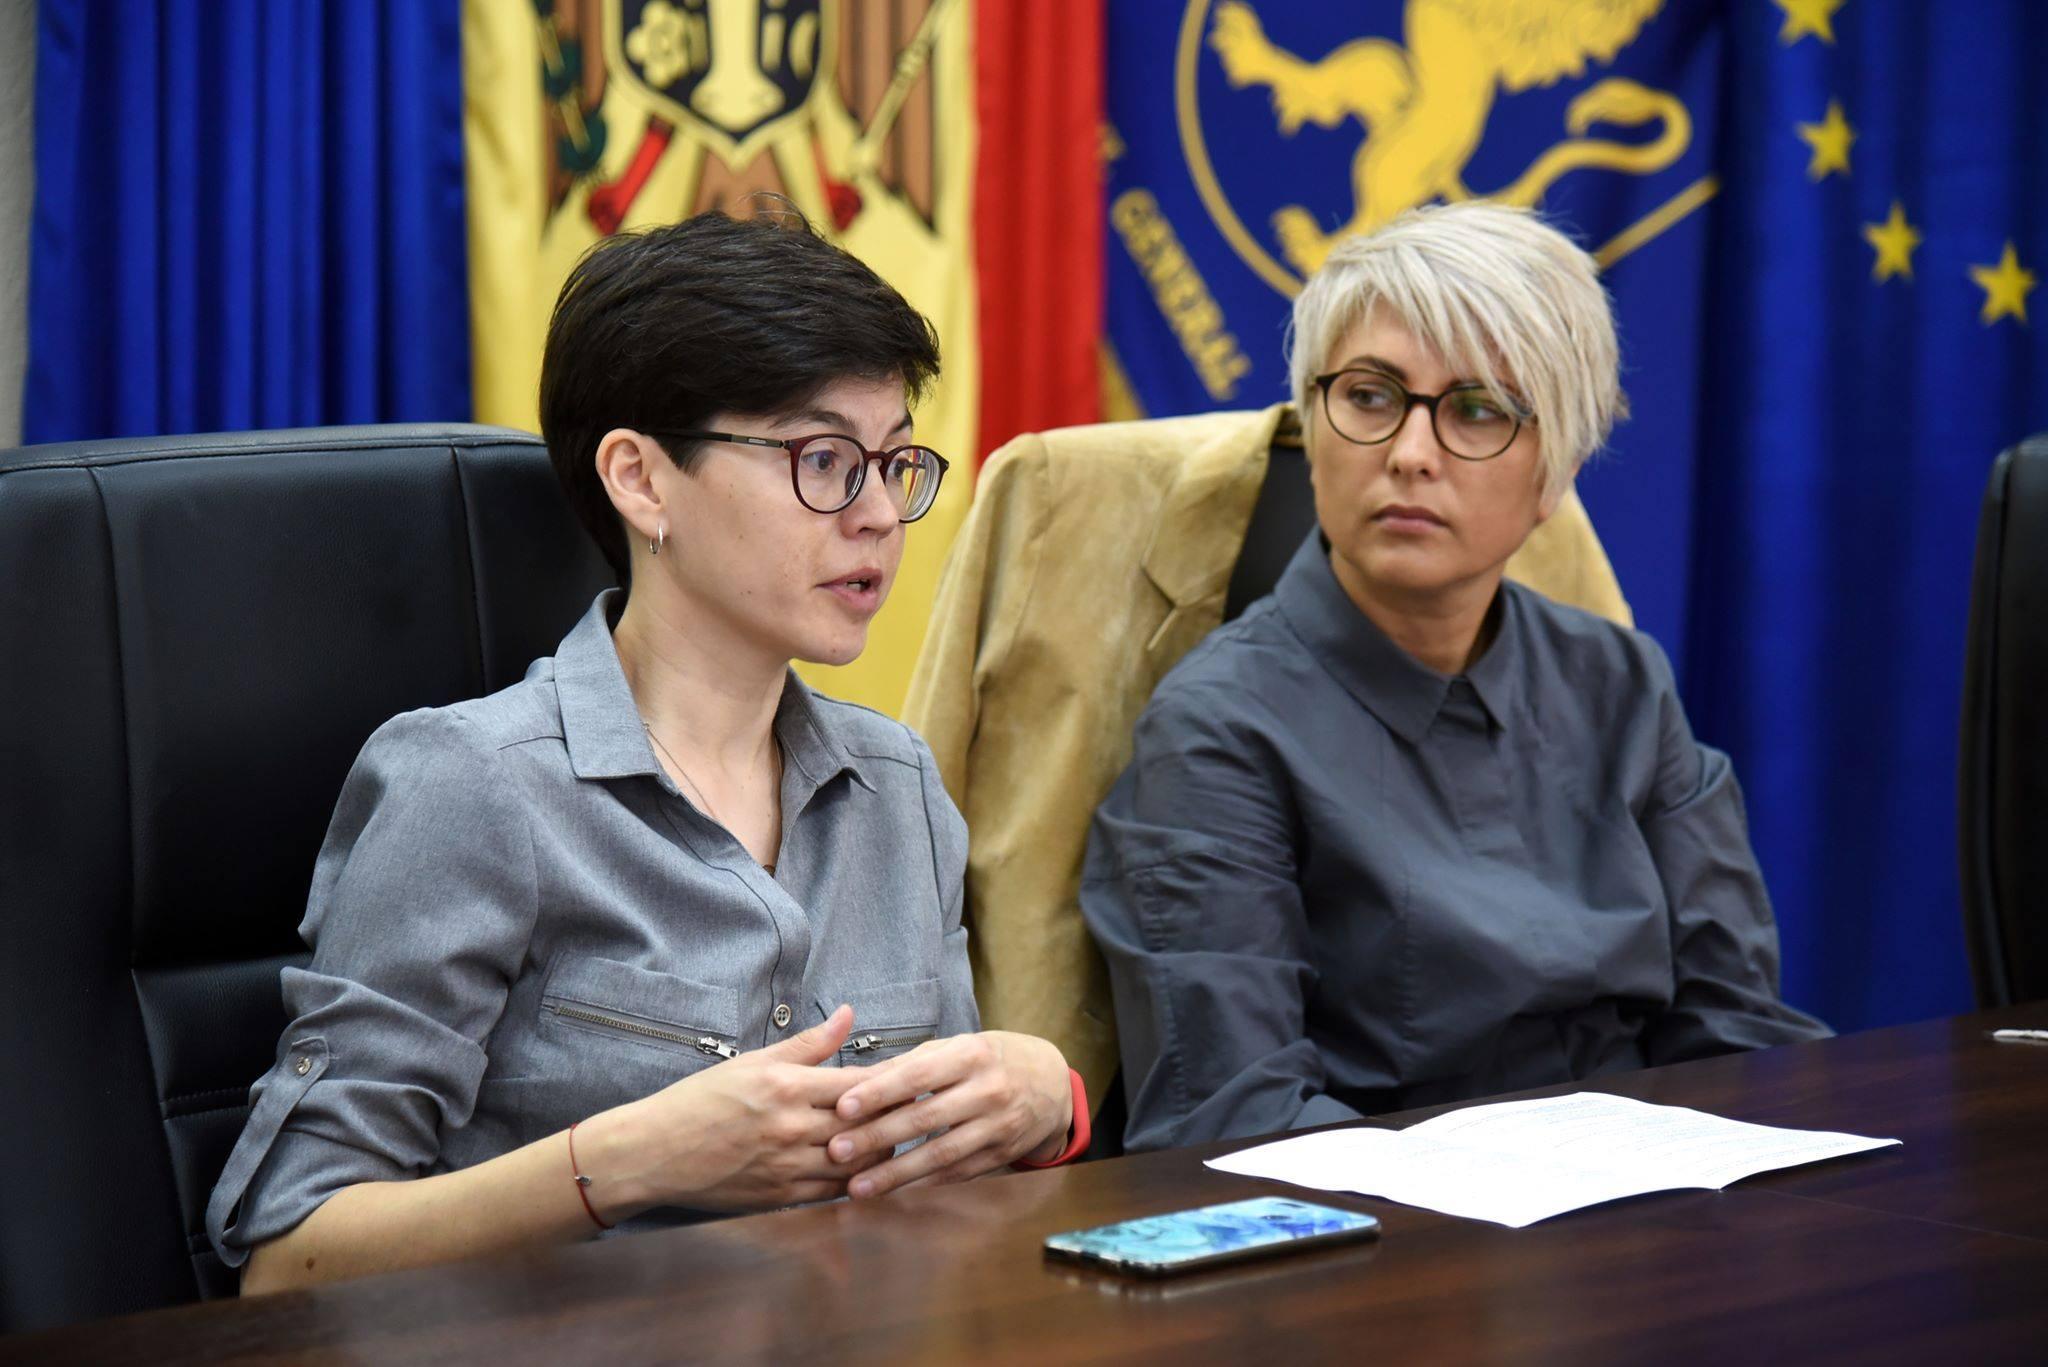 Comunitatea LGBT va desfășura, duminică, un marș la Chișinău. Poliția vine cu un apel!